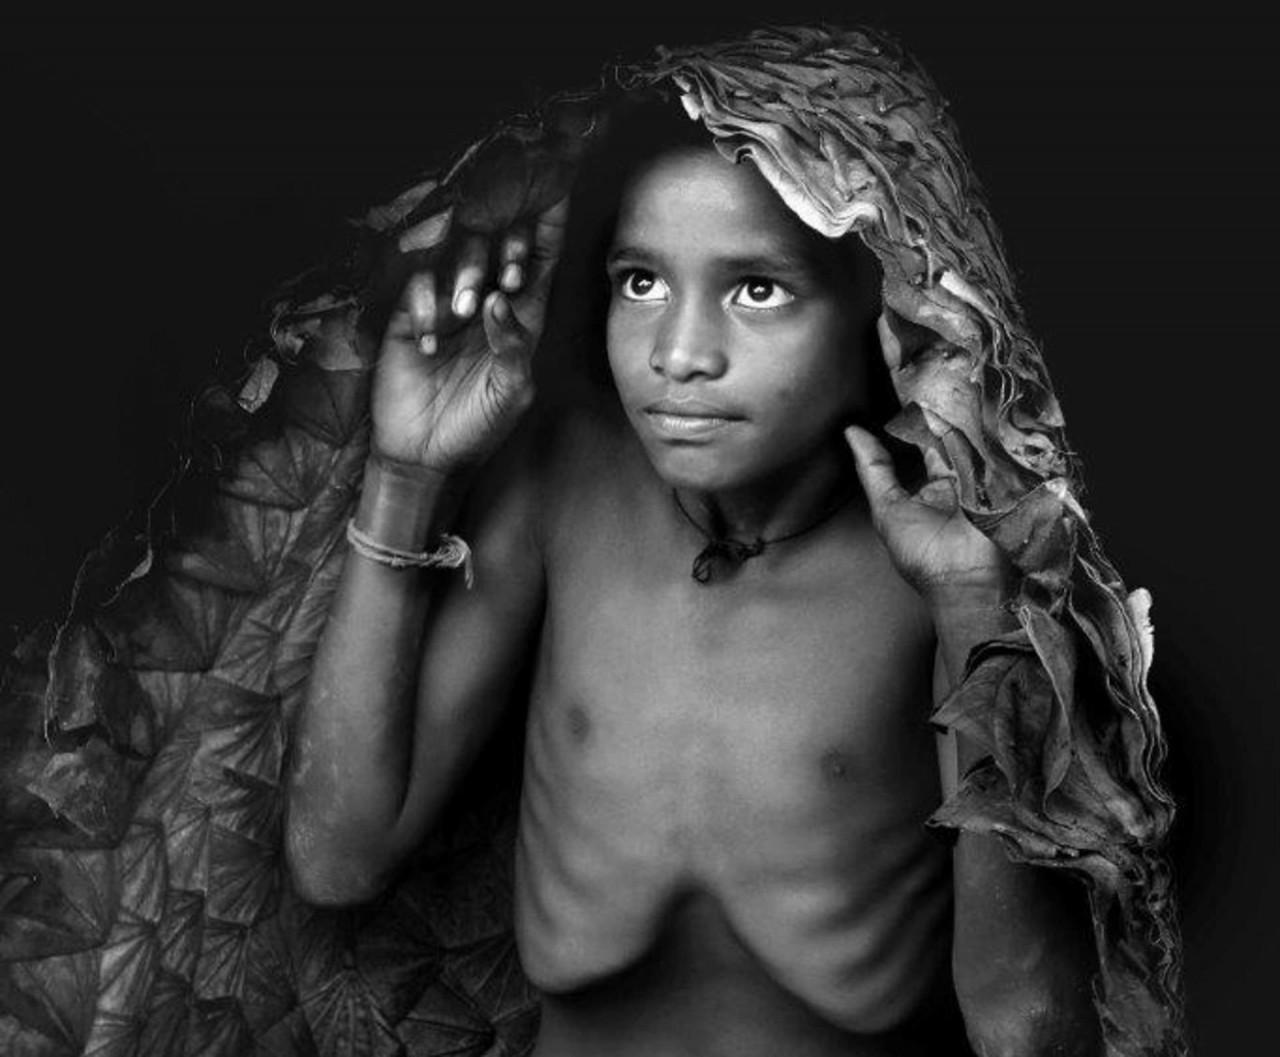 """""""Голодный мир"""", Барун Раджгария, Индия искусство фотографии, окружающая среда, охрана природы, победители конкурса, фотоконкурс, фотоконкурсы. природа, экологические проблемы, экология"""